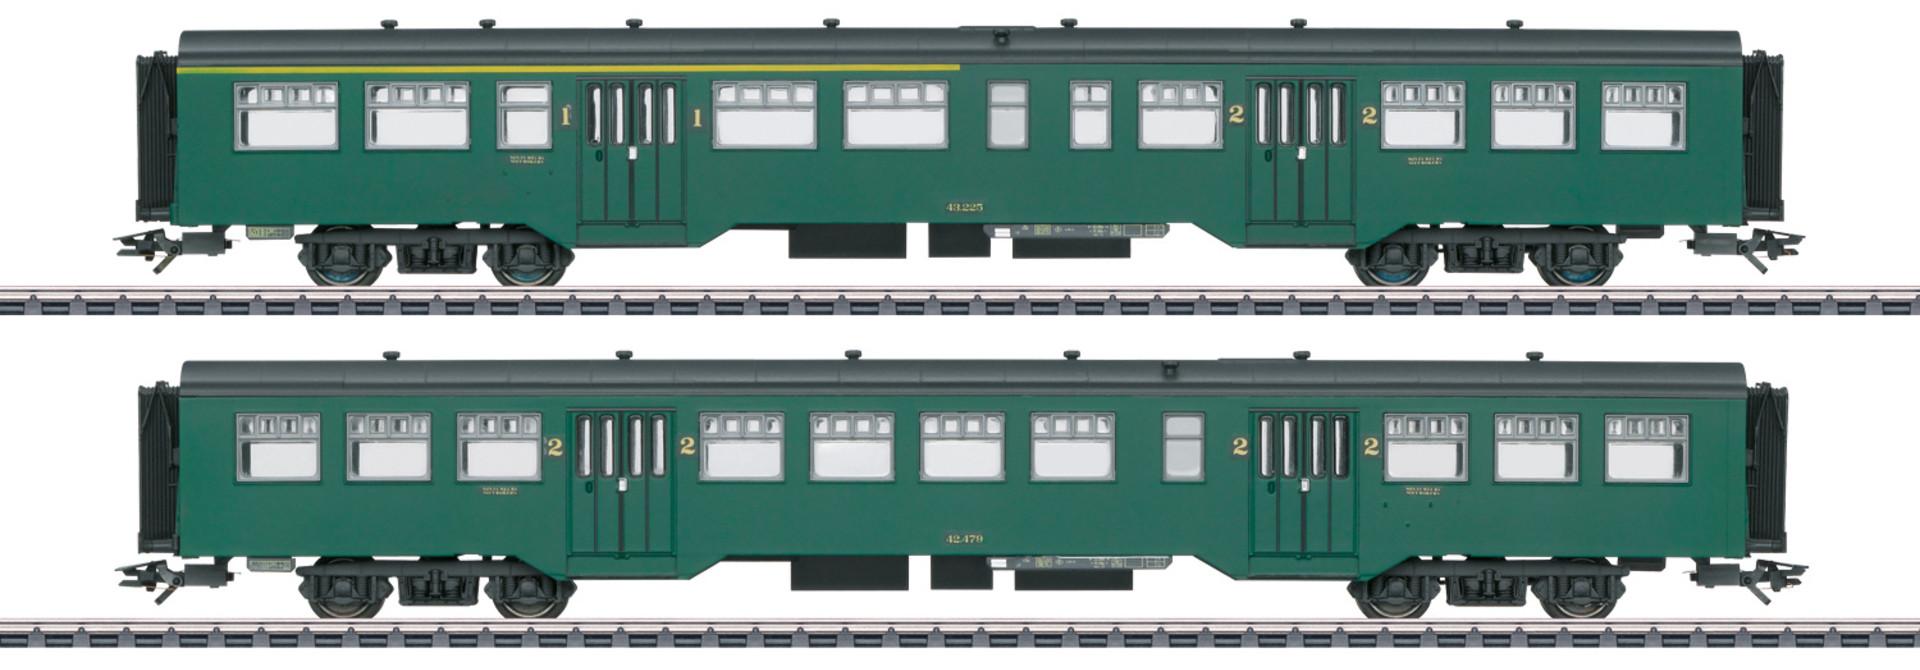 23221 Personenwagen-Set M2 SNCB